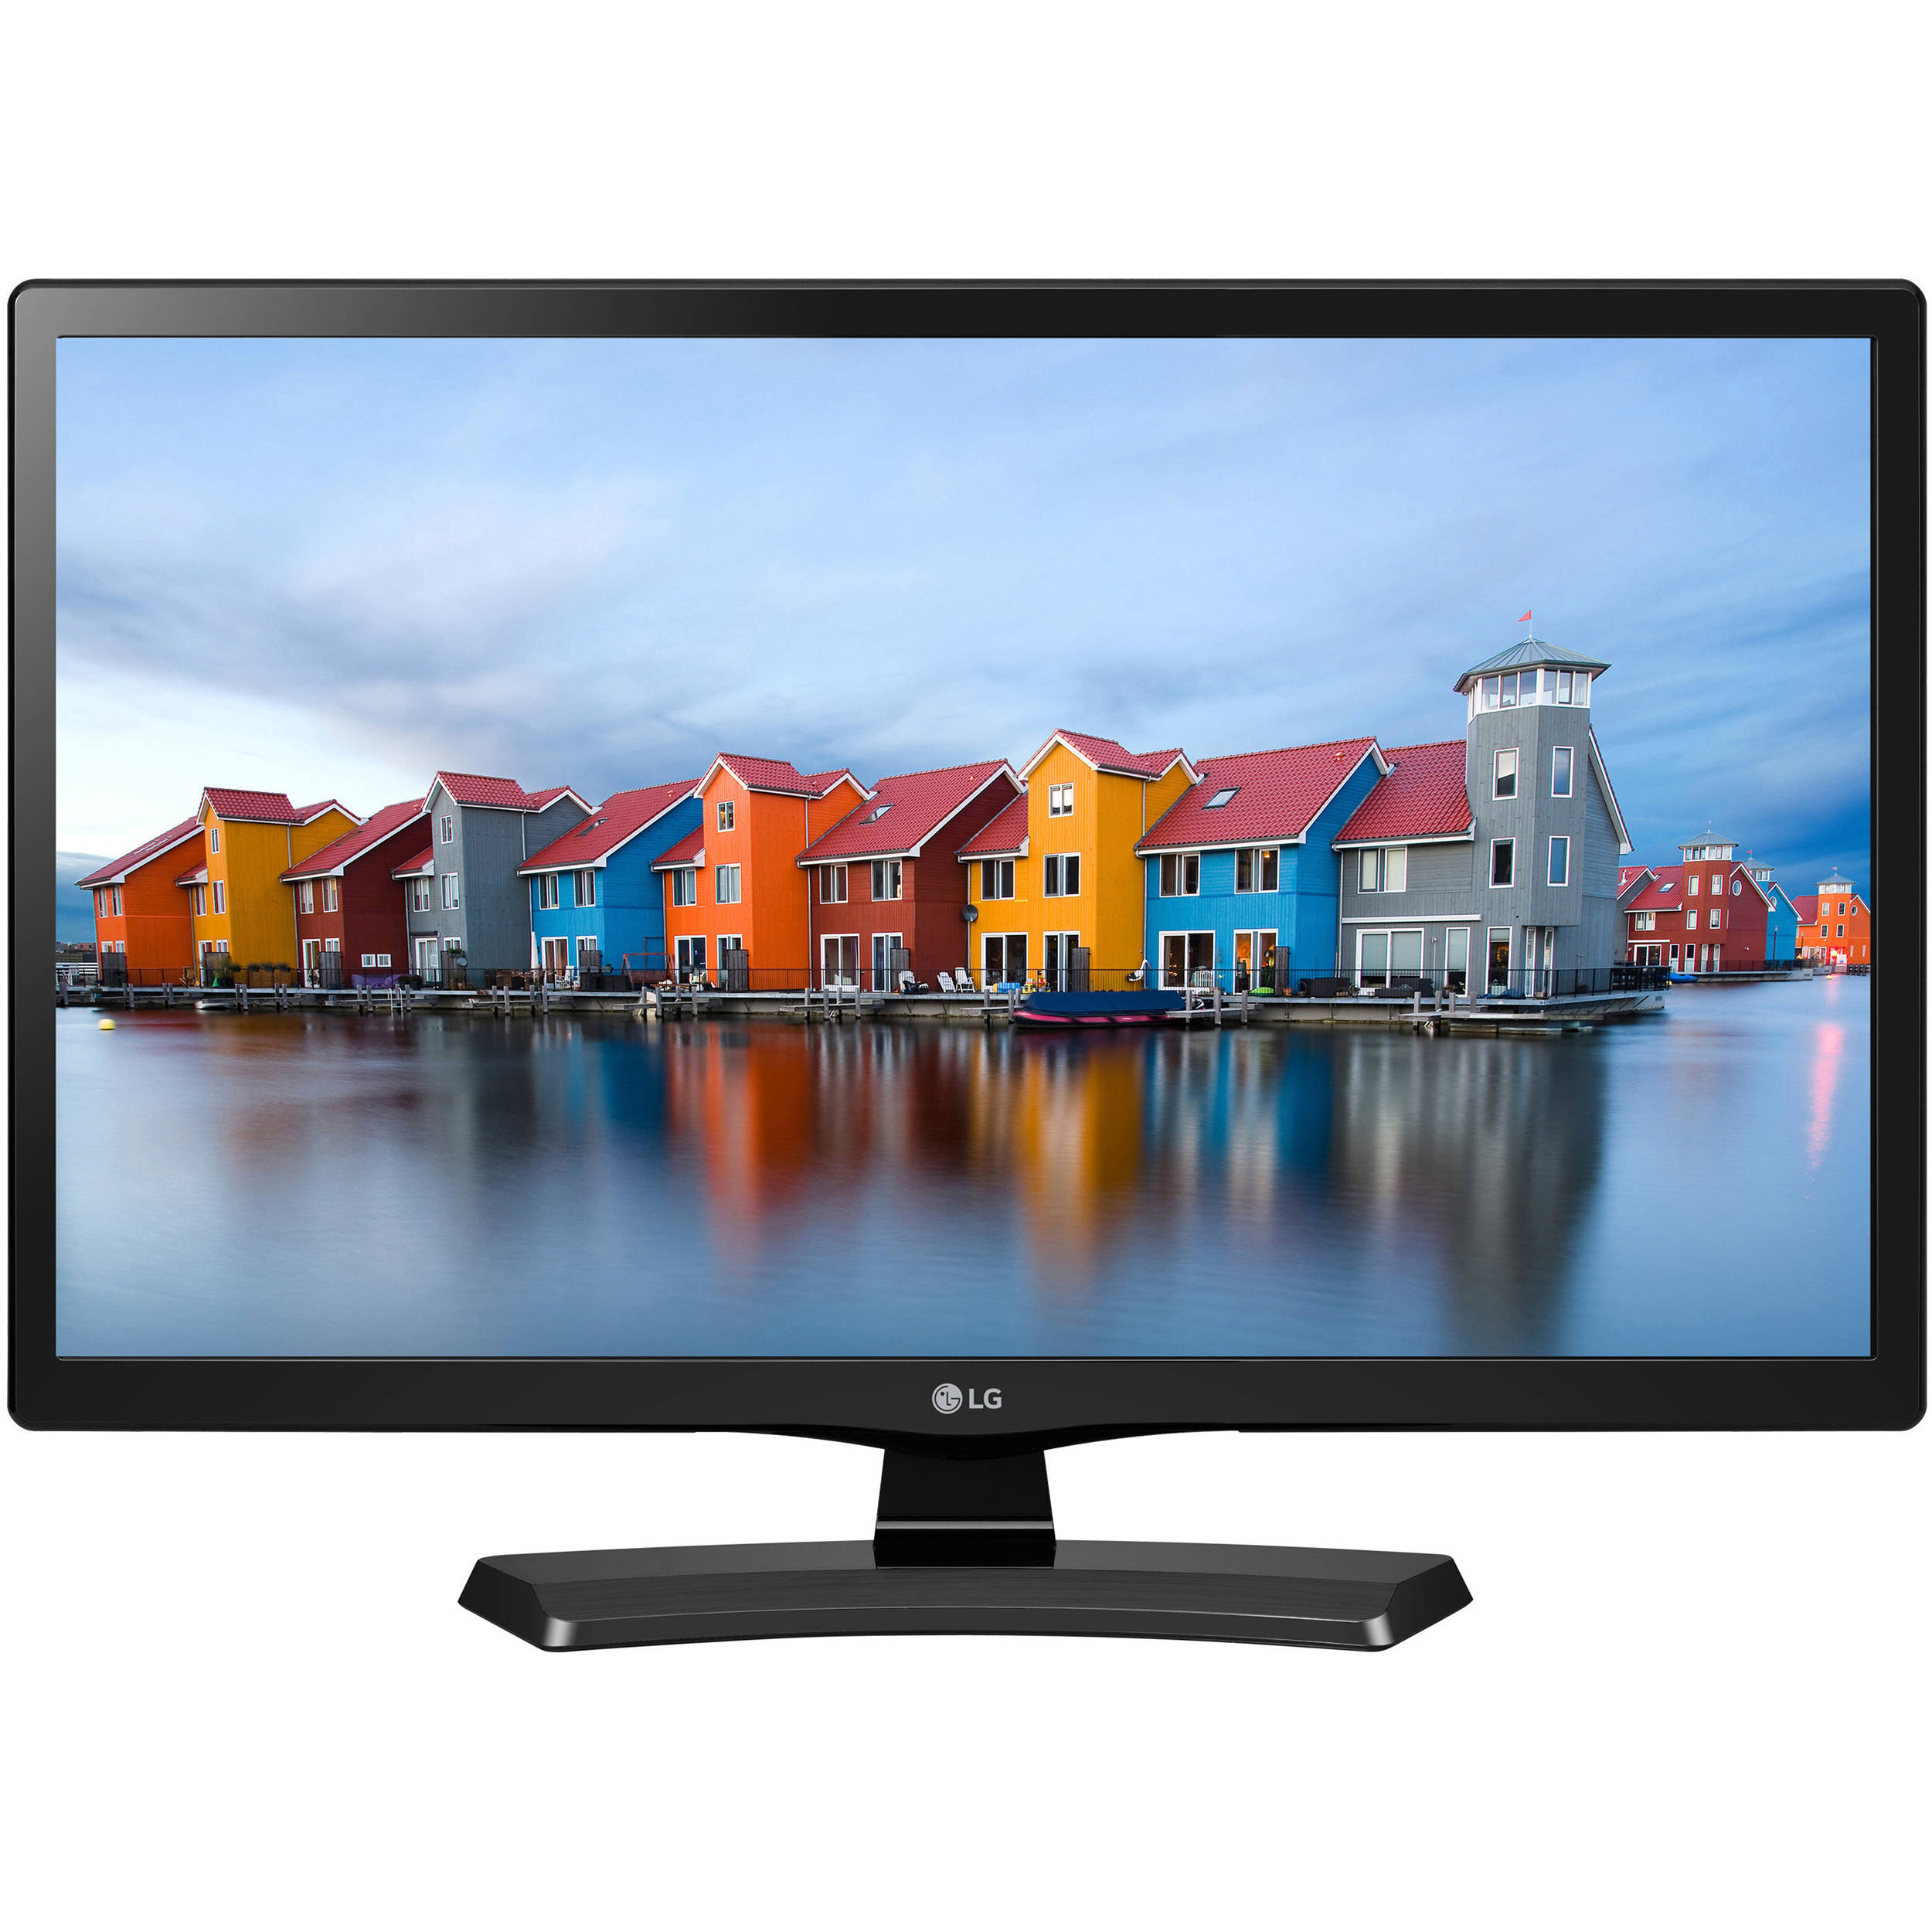 """LG LJ4540 28"""" Class HD LED TV (Black) 28LJ4540 B&H"""